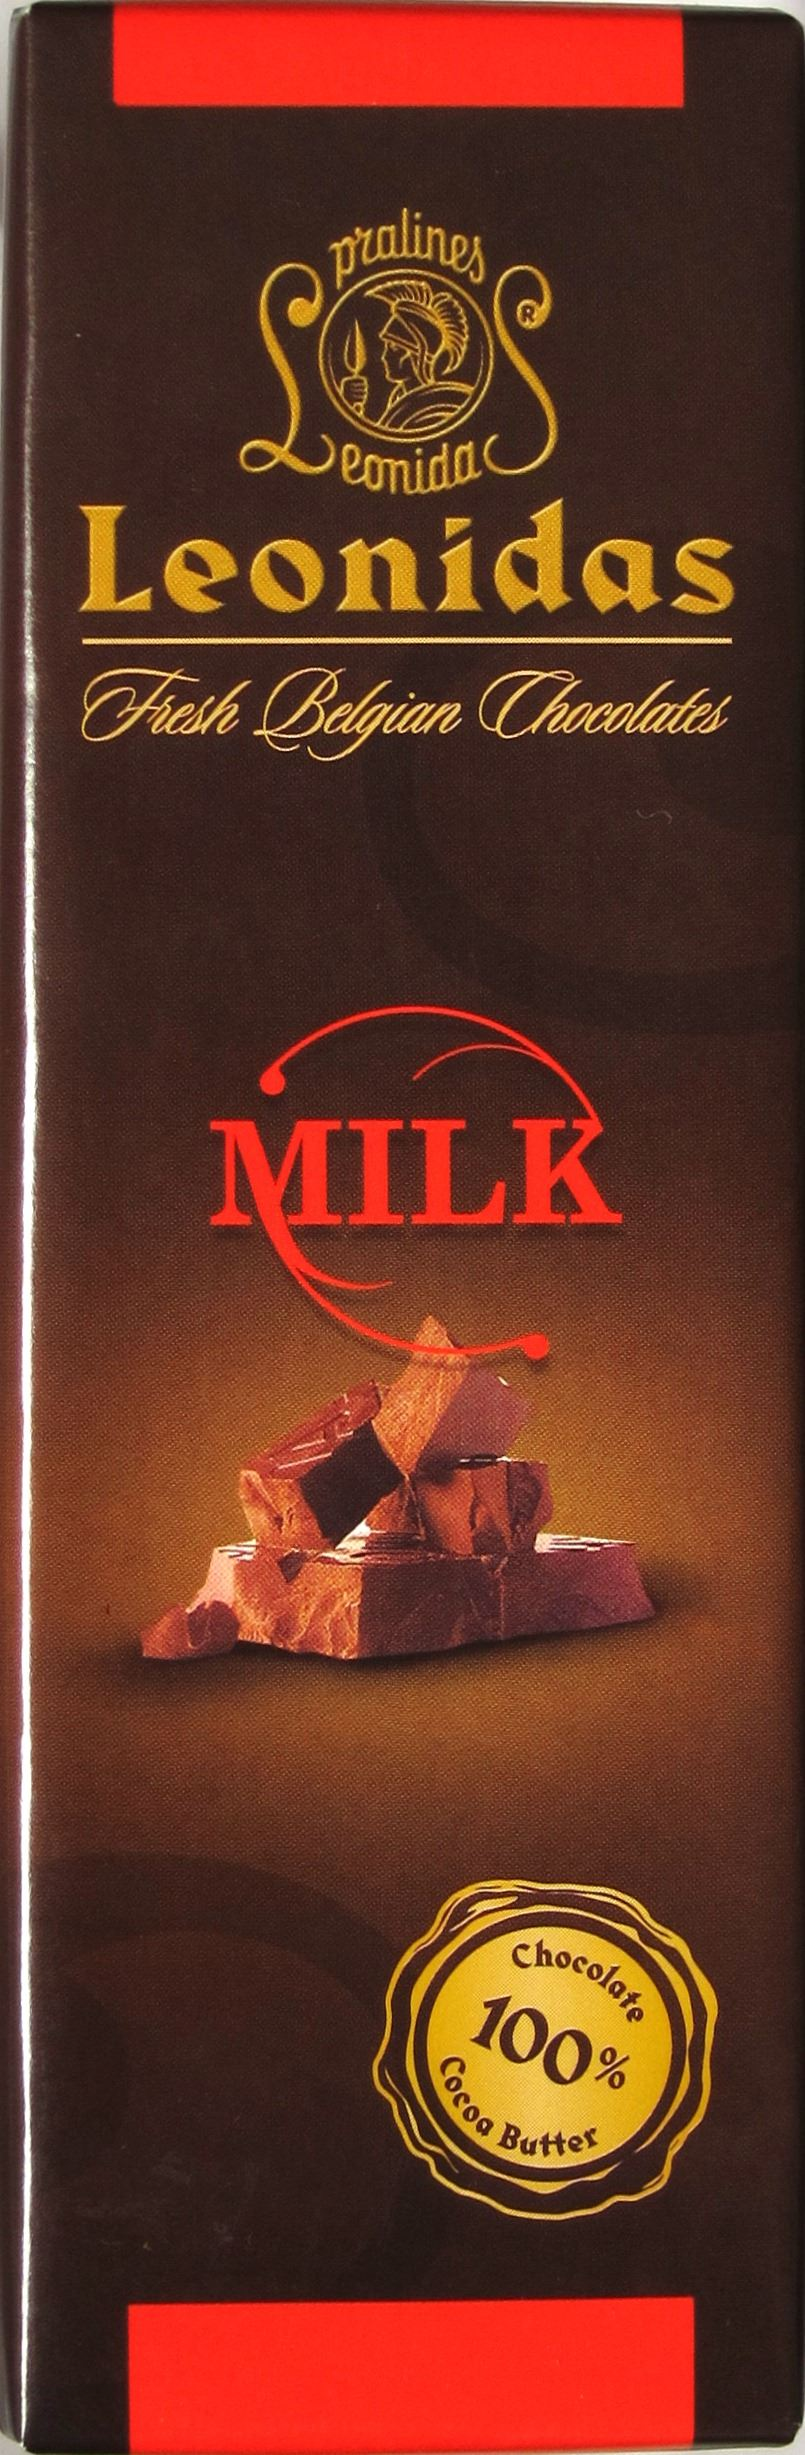 Leonidas Milk